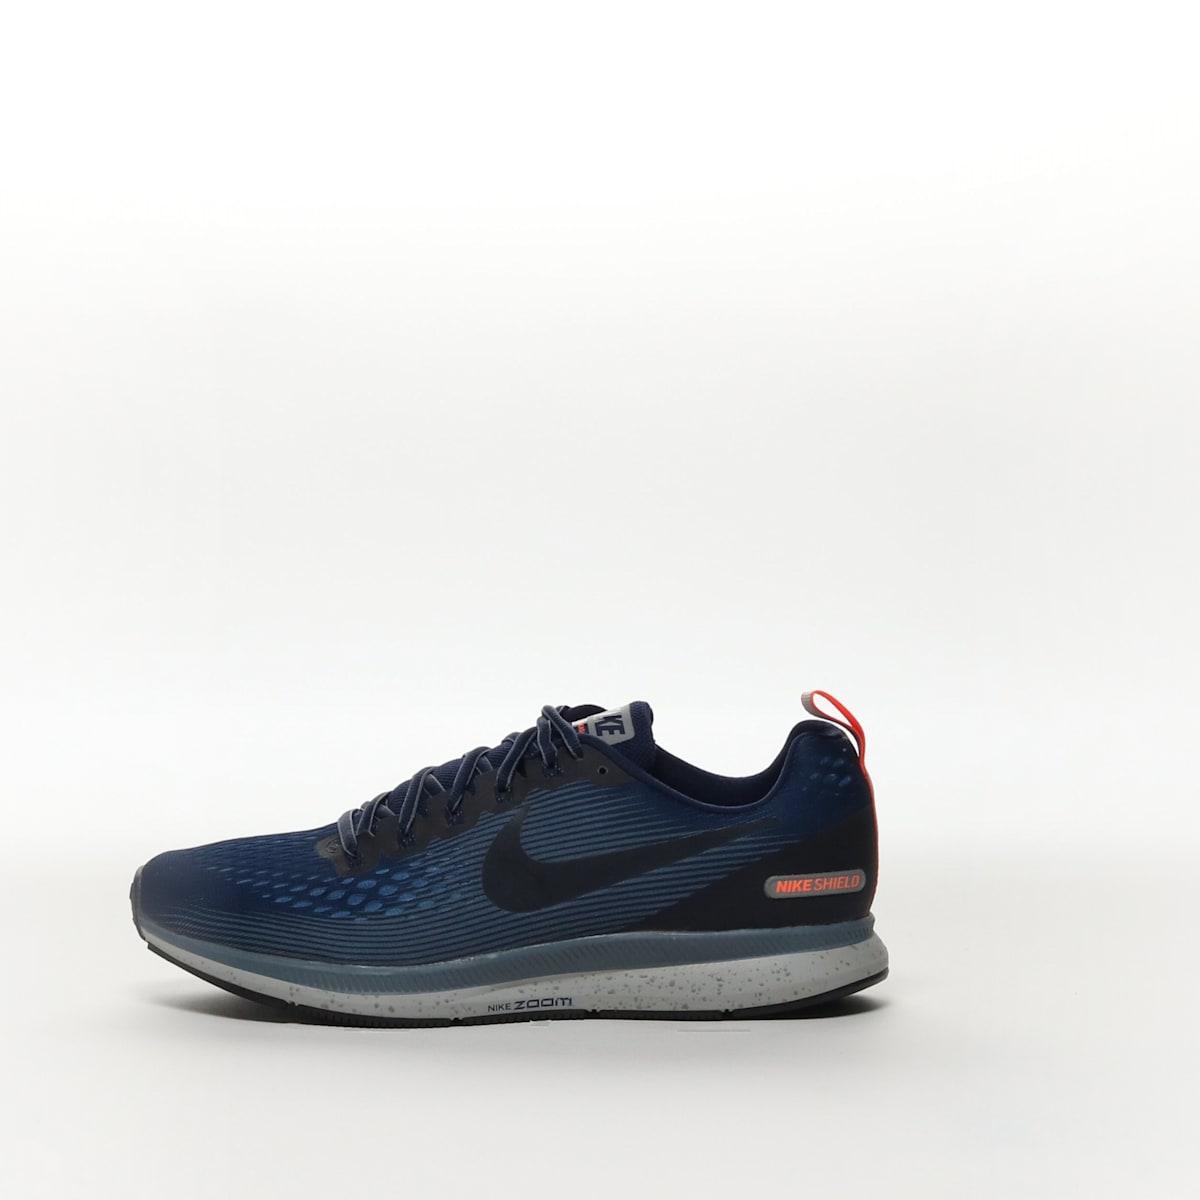 0b10b9a363e13 Nike Air Zoom Pegasus 34 Shield - BINARY BLUE ARMORY BLUE OBSIDIAN ...